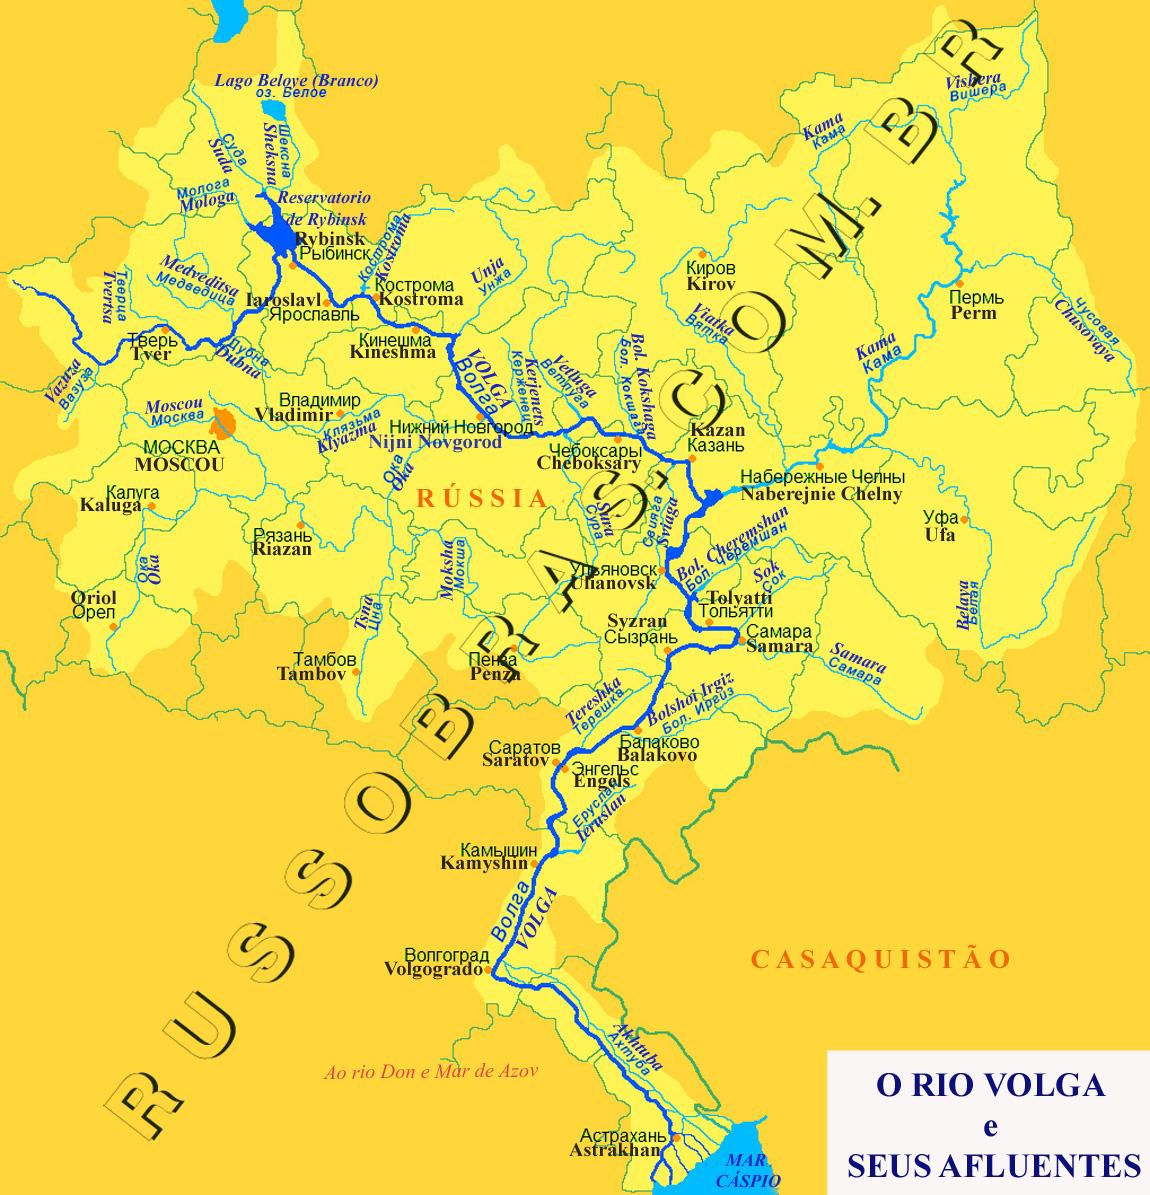 Rio Volga Mapa Fisico.Russia Mapa Hidrografia